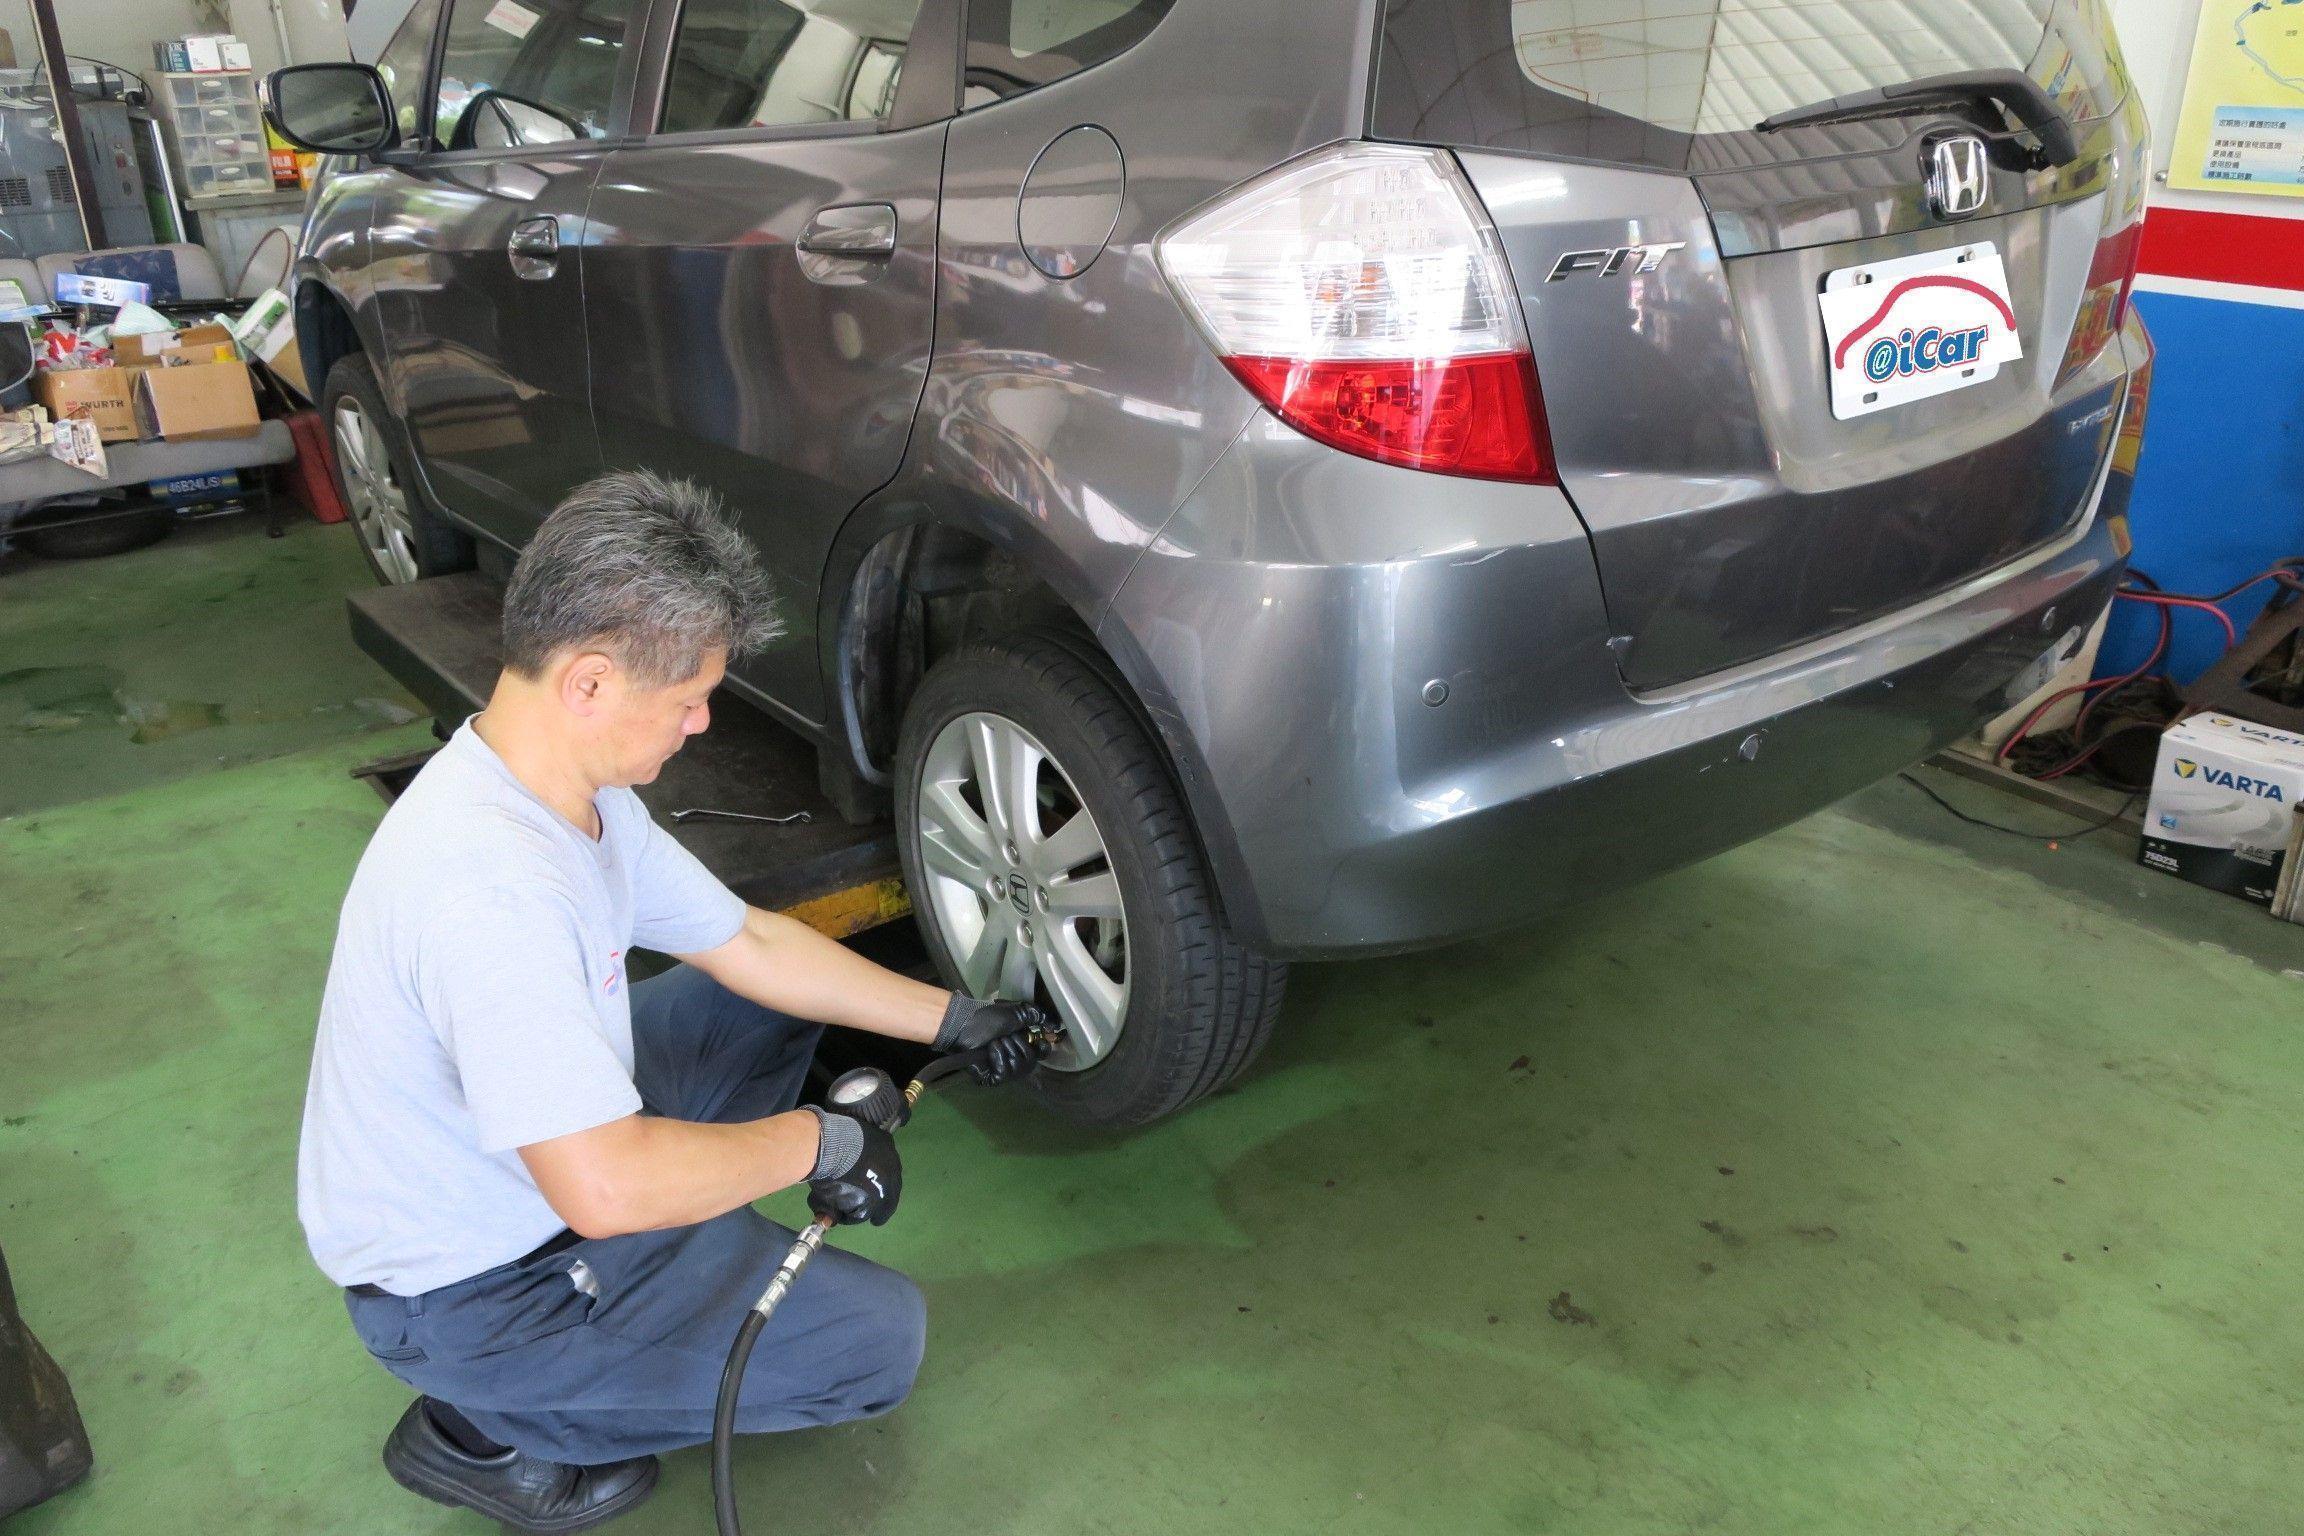 OiCar 確認四輪胎壓是否充足